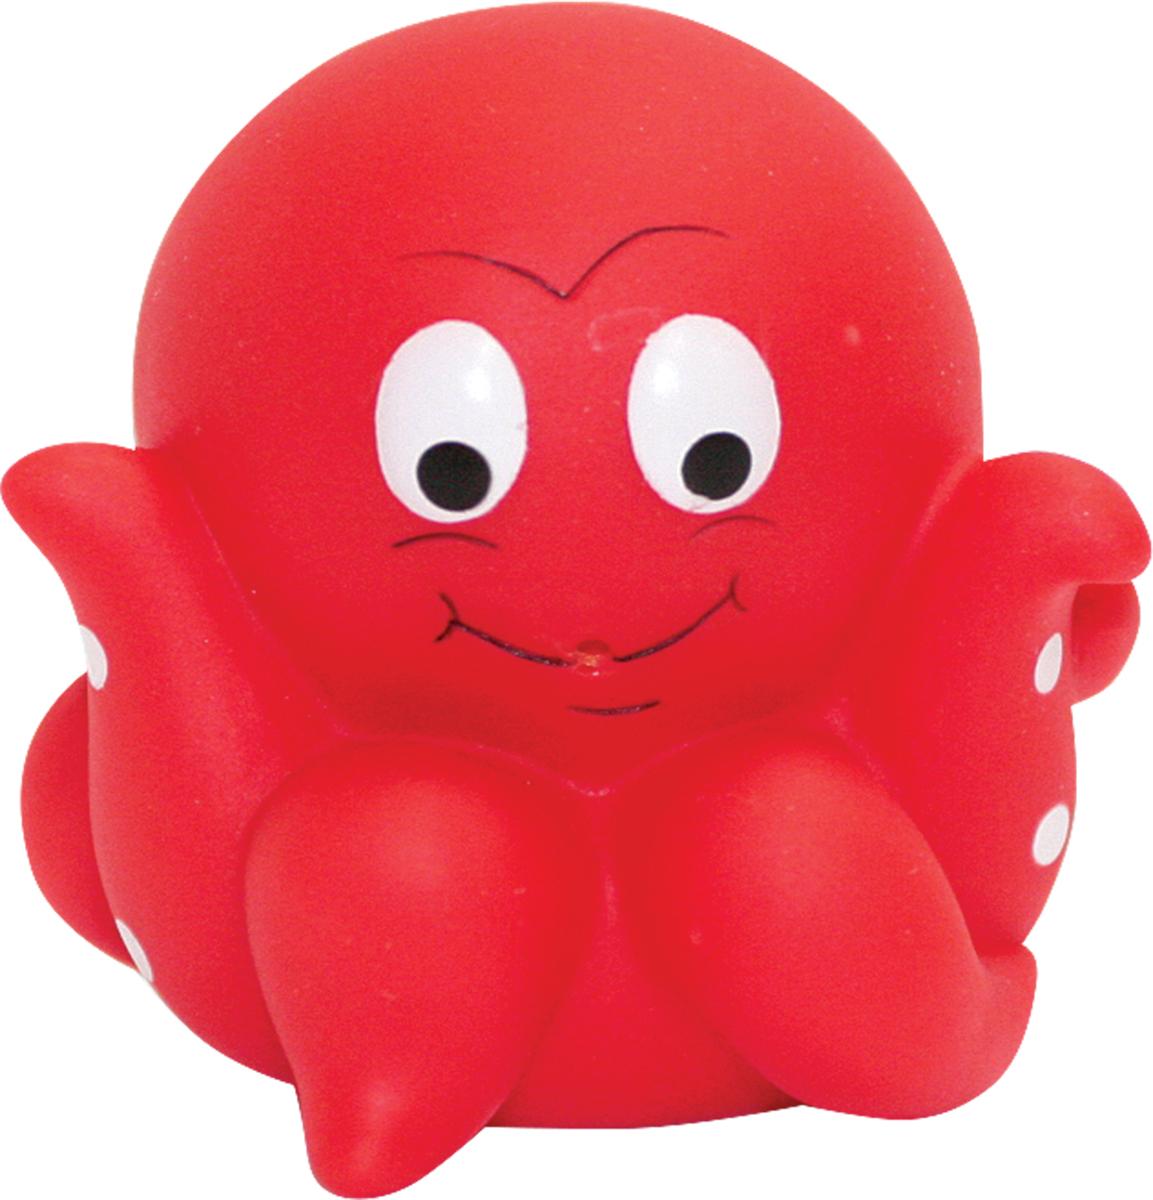 Lubby Игрушка для ванной Светящийся осьминожек13829Игрушка для ванной Lubby Светящийся осьминожек понравится малышам тем, что светится при соприкосновении любого предмета с тактильным датчиком, встроенным в основание игрушки. Маленькие дети очень любят эффекты мерцания и свечения. Форма игрушки разработана специально для детских ручек. Игрушка выполнена в яркой цветовой гамме и позволяет создать увлекательную игру. С такой игрушкой ребенок сможет развивать мелкую моторику рук, концентрацию внимания и даже воображение.